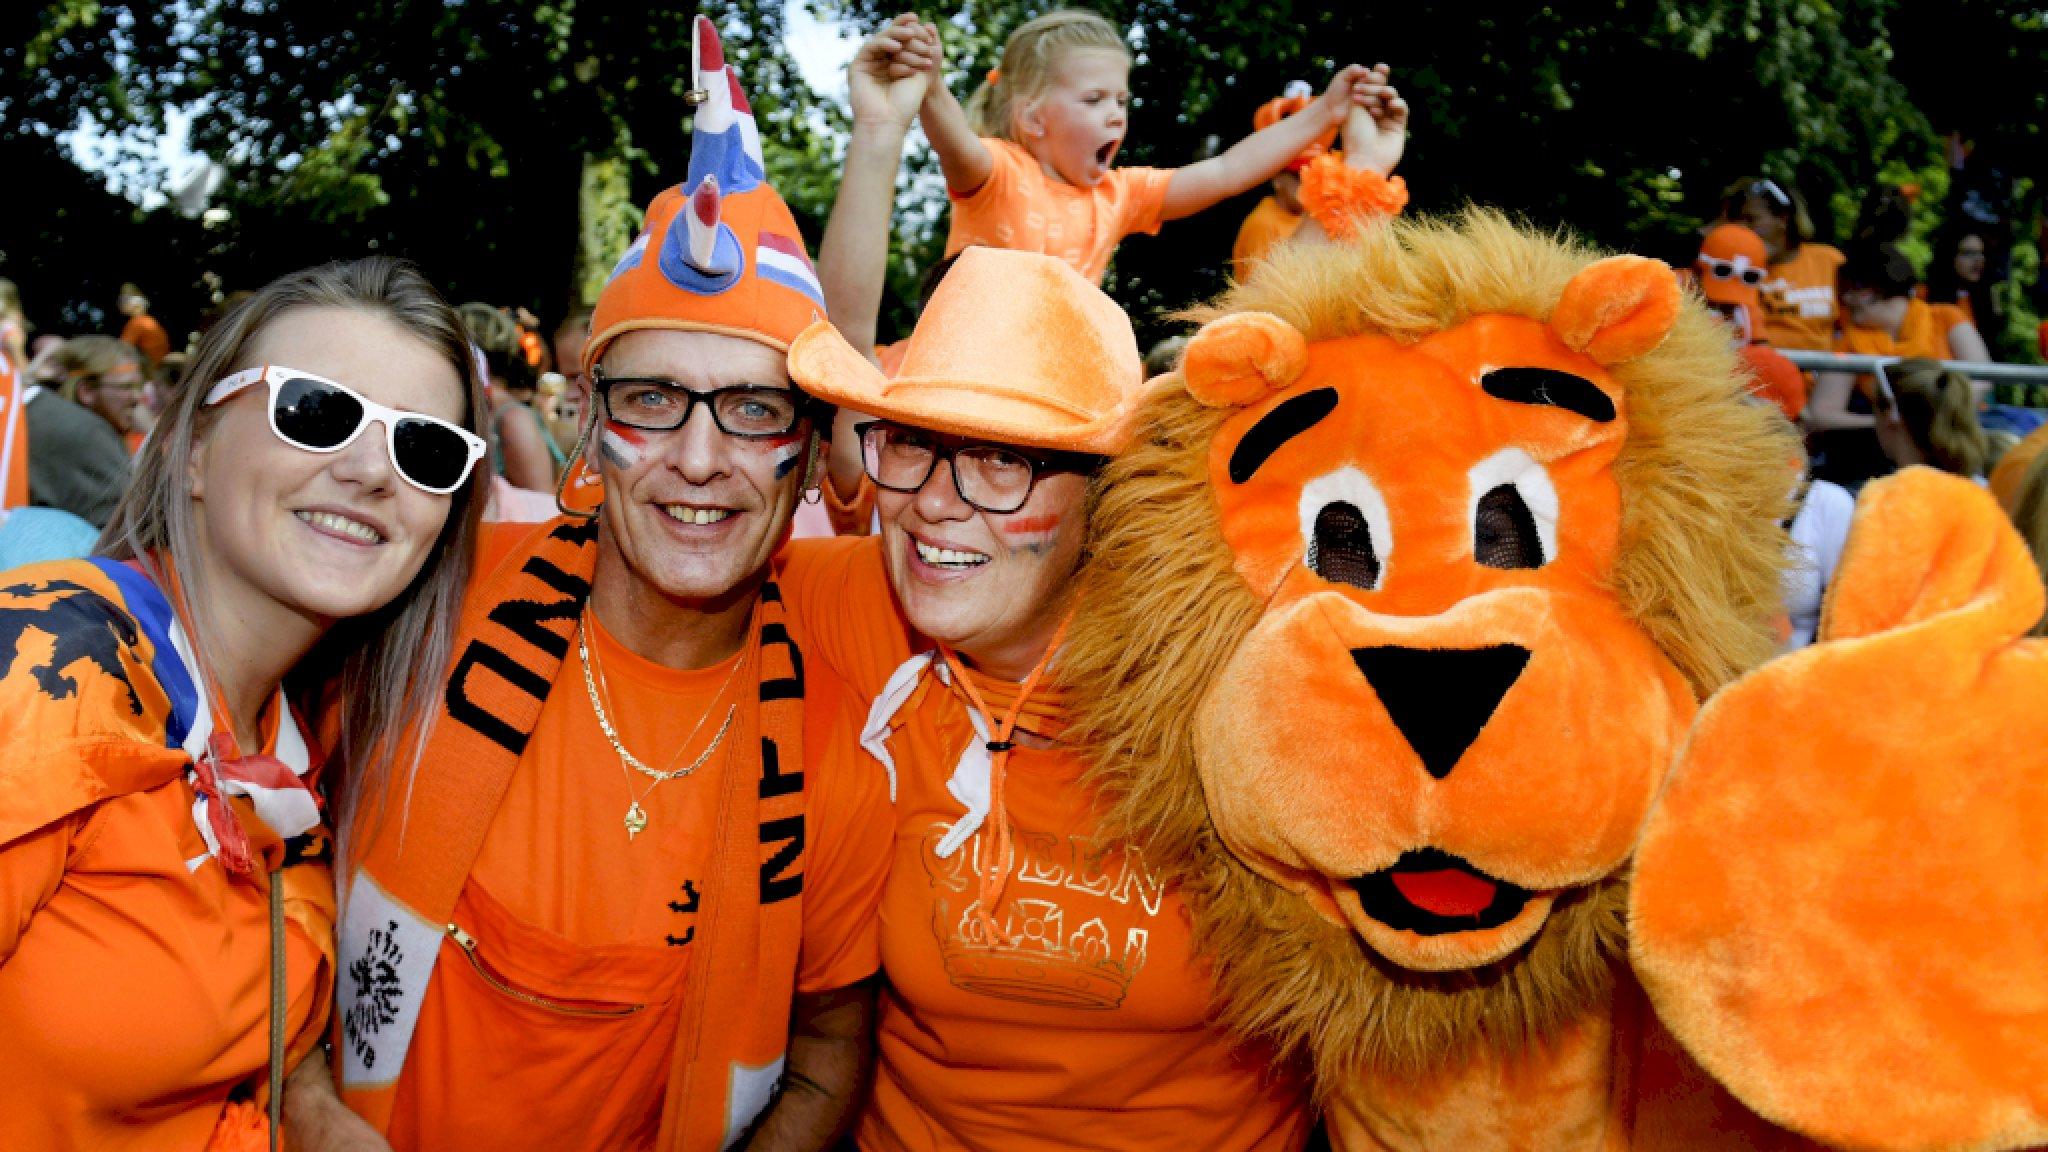 Oranje naar EK: 'Plaatsing betekent alles, dit levert honderden miljoenen op' - RTL Nieuws